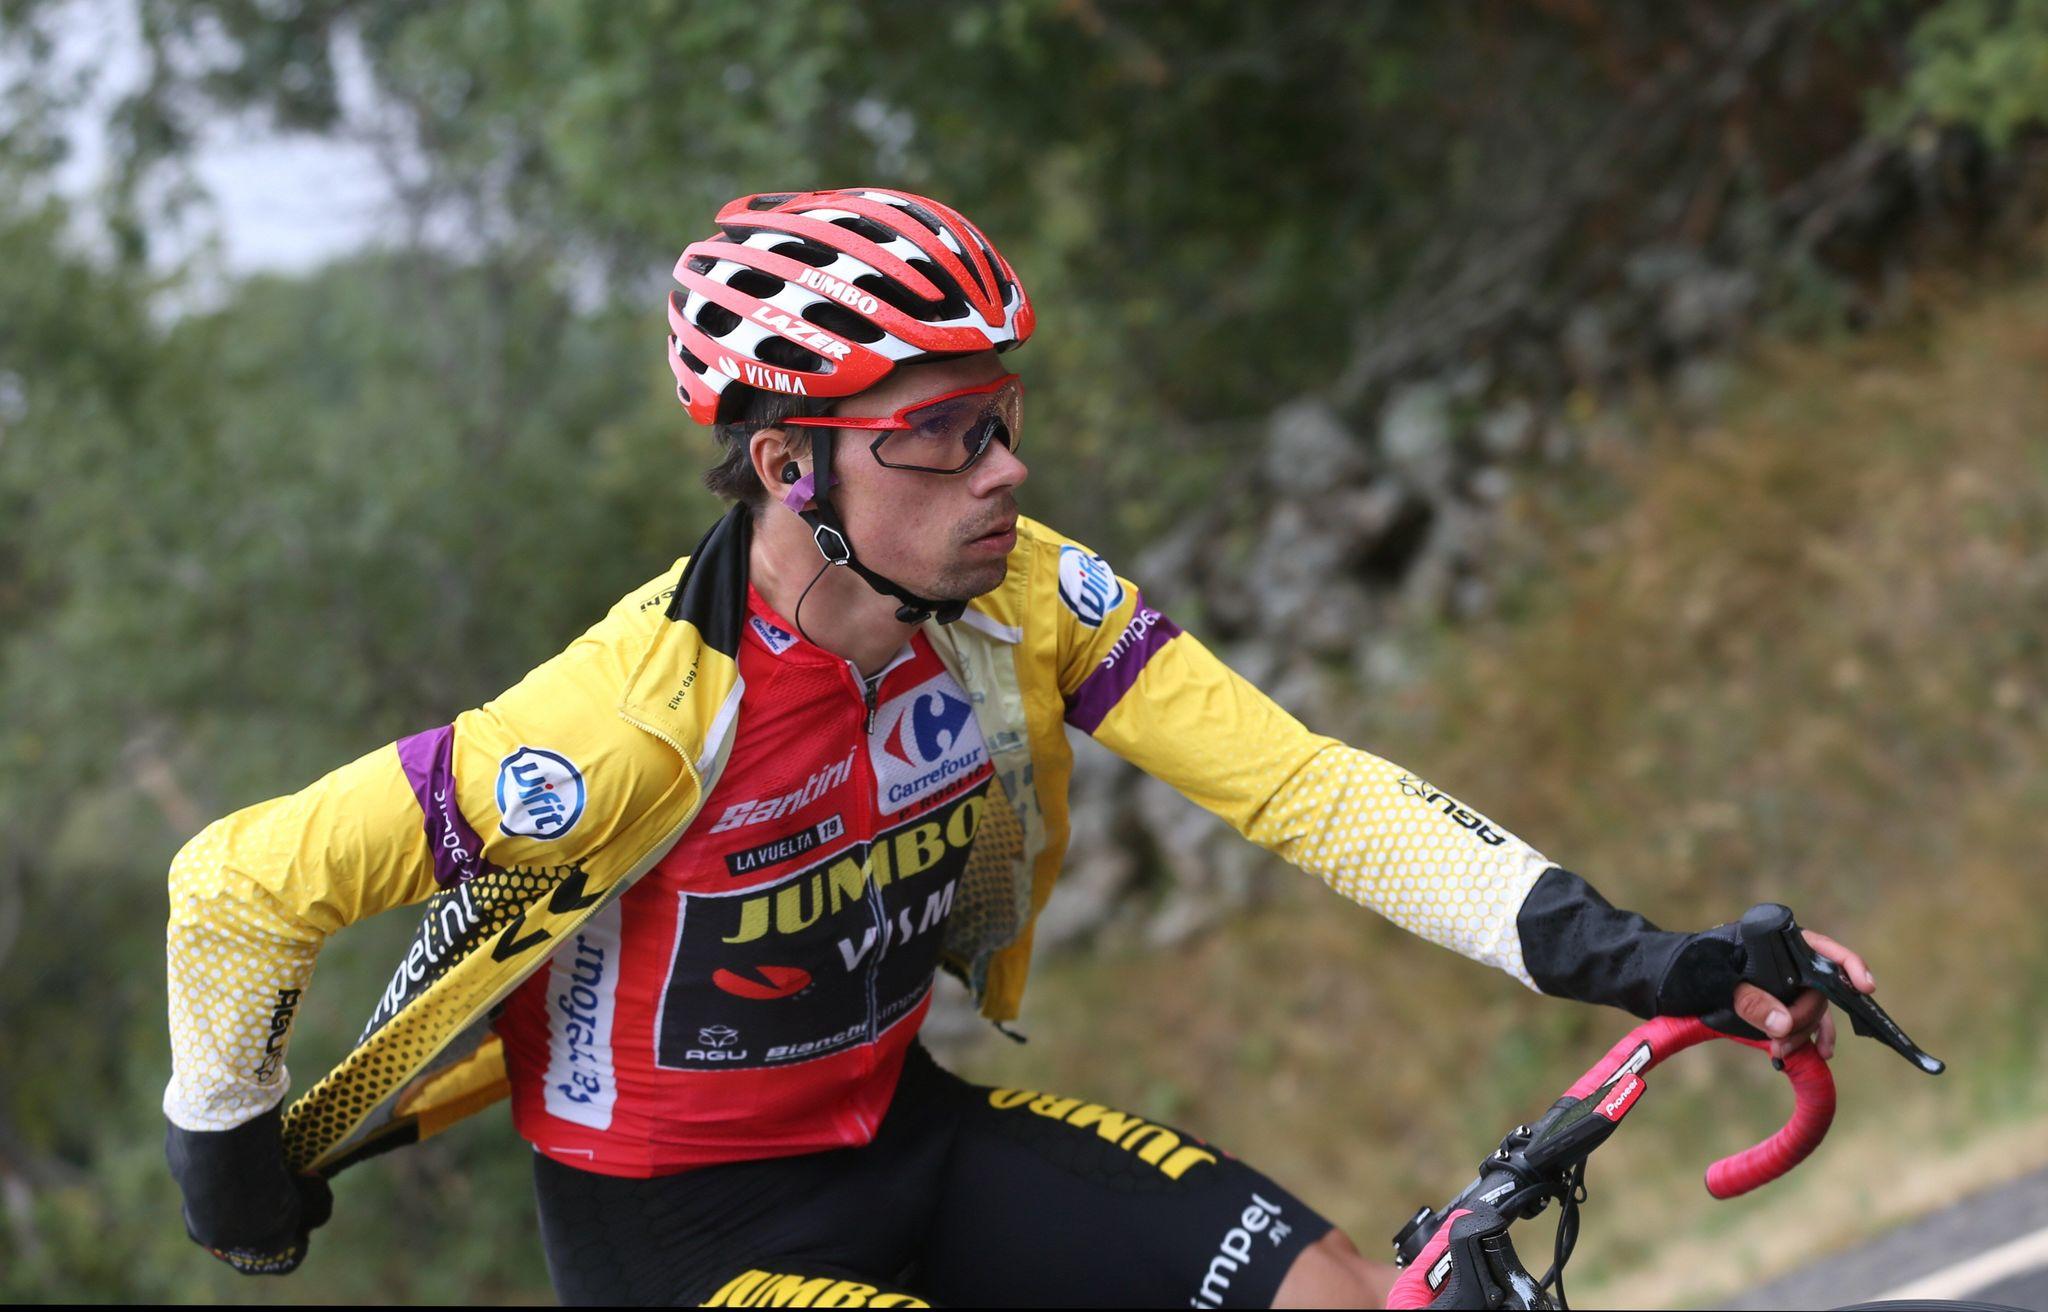 GRAF2276. ARENAS DE SAN PEDRO (ÁVILA), 14/09/2019.- El ciclista esloveno del equipo, Jumbo-Visma y líder de la clasificación general Primôz <HIT>Roglic</HIT>, durante la vigésimo etapa de la Vuelta a España 2019, que ha partido de la localidad abulense de Arenas de San Pedro y finaliza en la Plataforma de Gredos, tras 190,4 kilómetros de recorrido. EFE/Javier Lizón